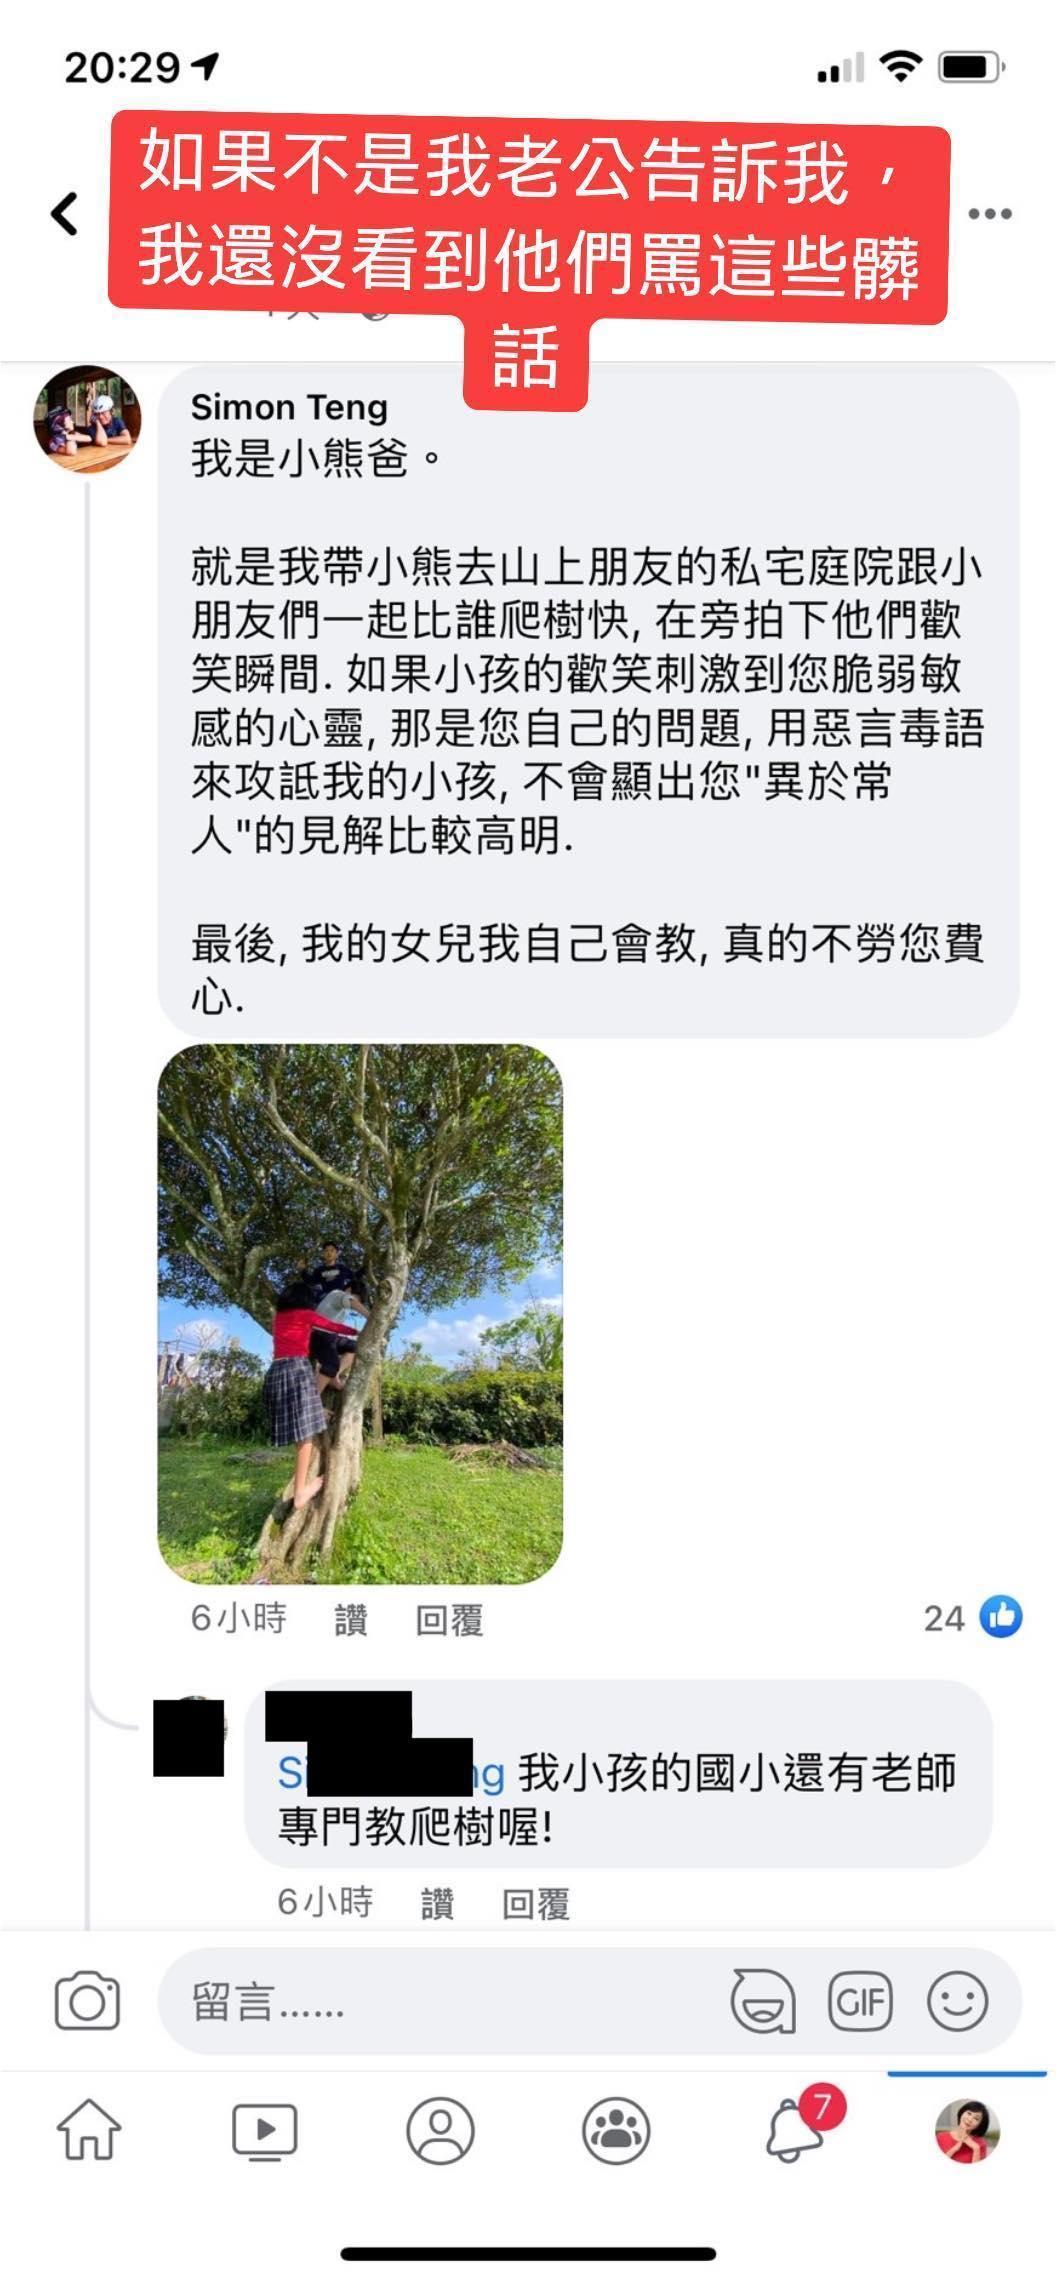 吳淡如老公回覆該網友,稱自己的女兒會自己交,不會對方勞心。(翻攝吳淡如臉書)